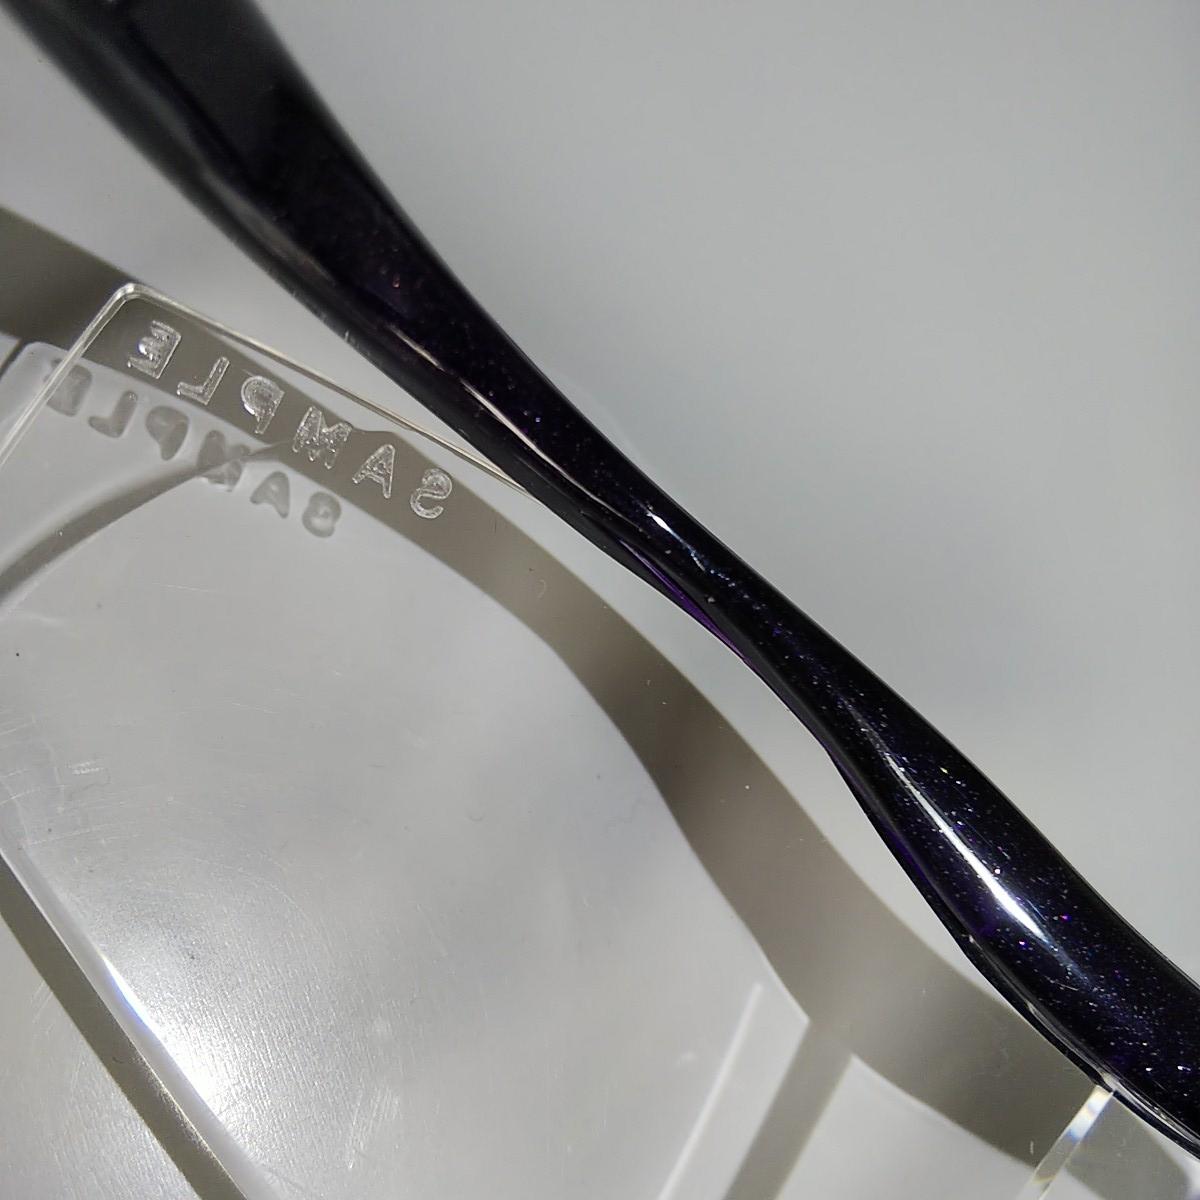 在庫あと2本 小さなサンプル印タイプ ハズキルーペラージ1.6倍紫ラメクリアレンズ新品サンプル本体のみカタログつきません。_画像5